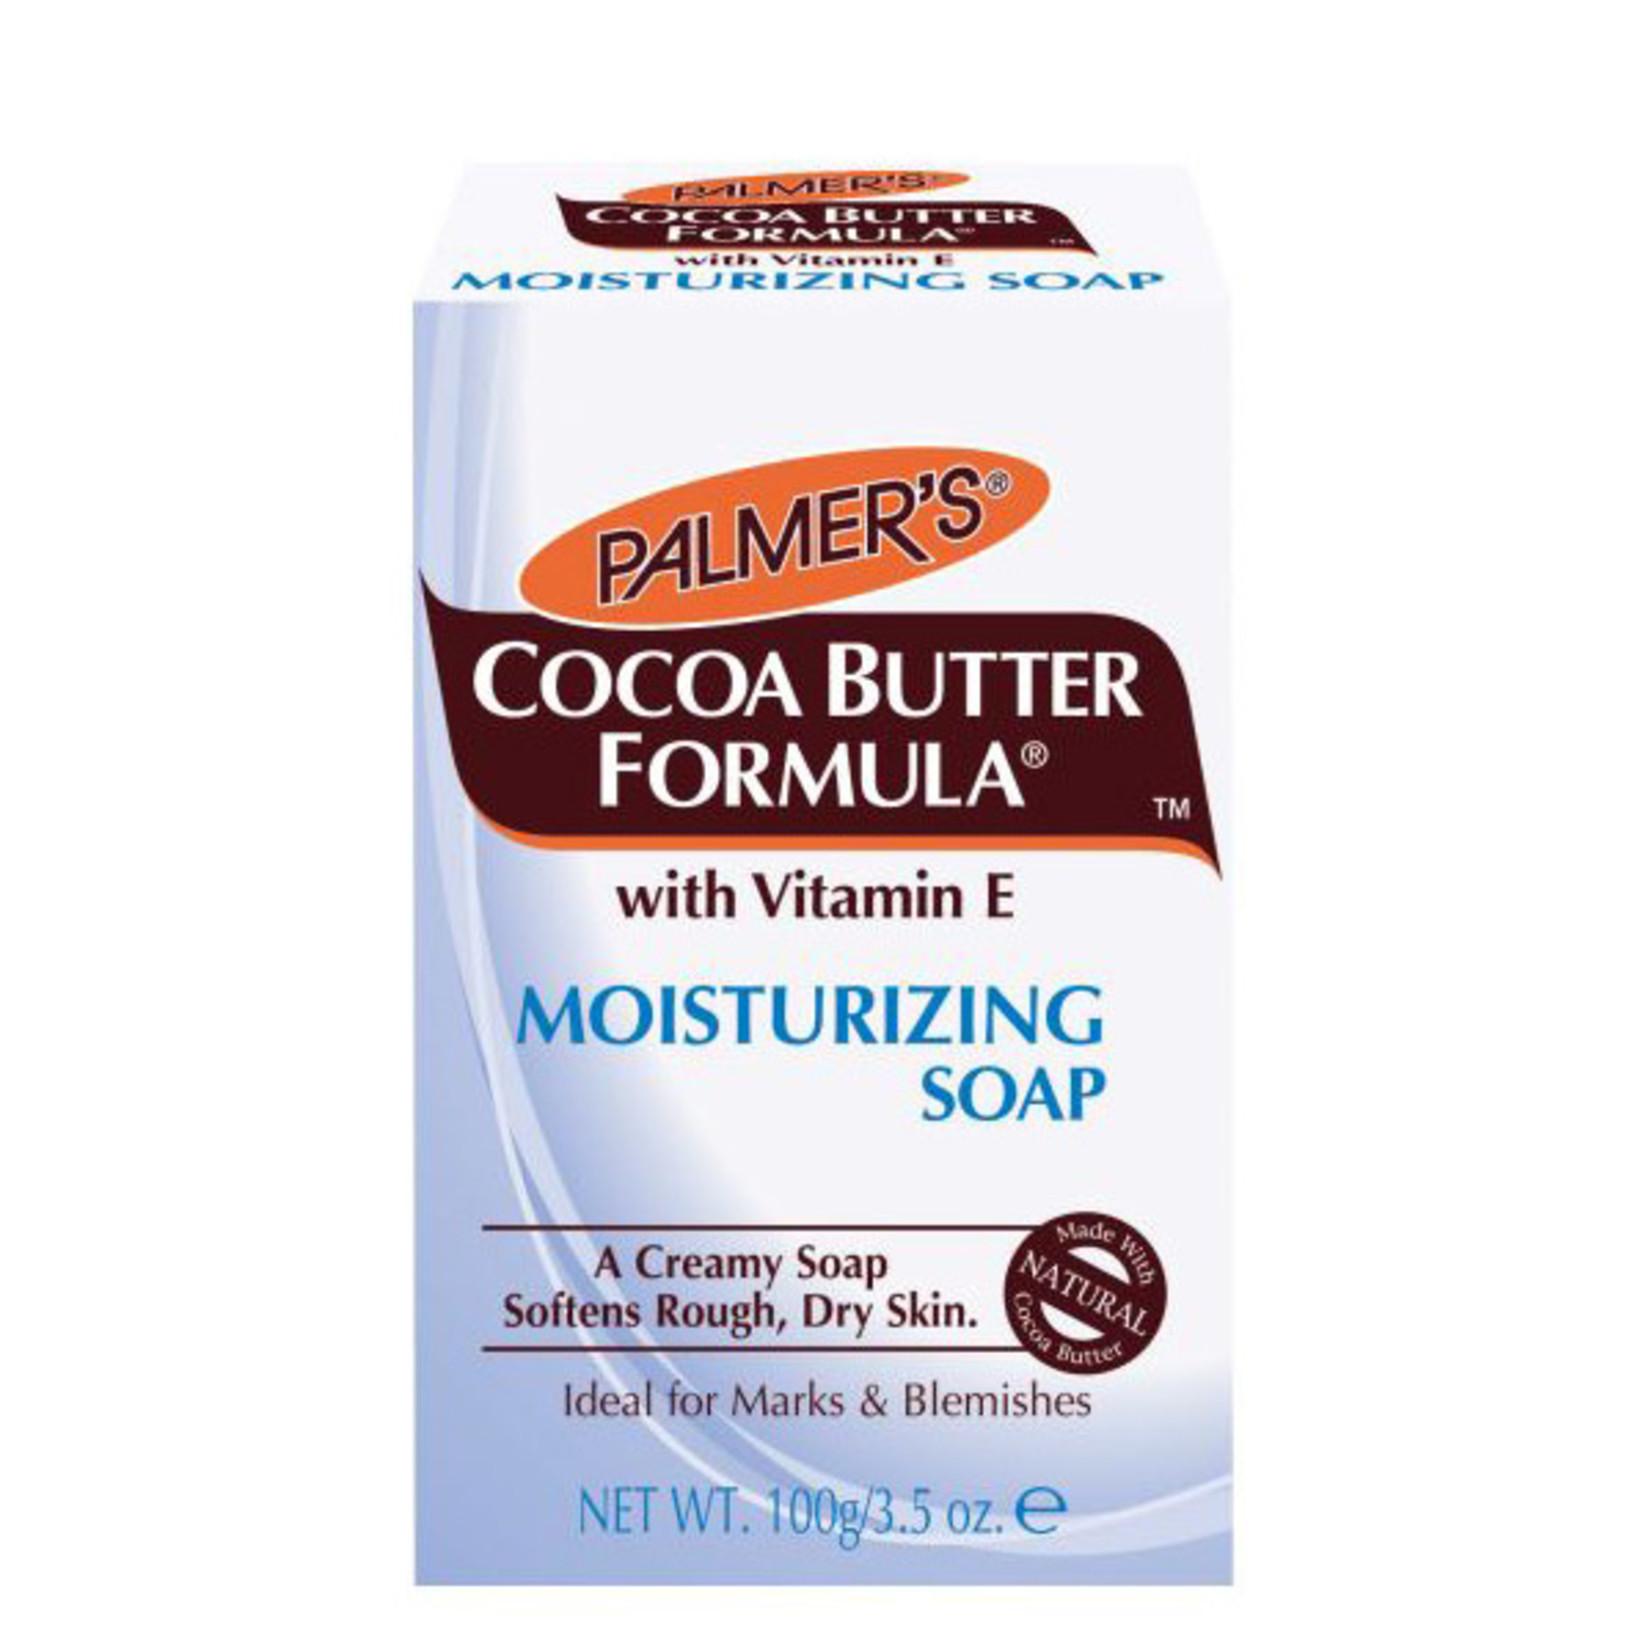 PALMER'S PALMER'S COCOA BUTTER SOAP [3.5 OZ]